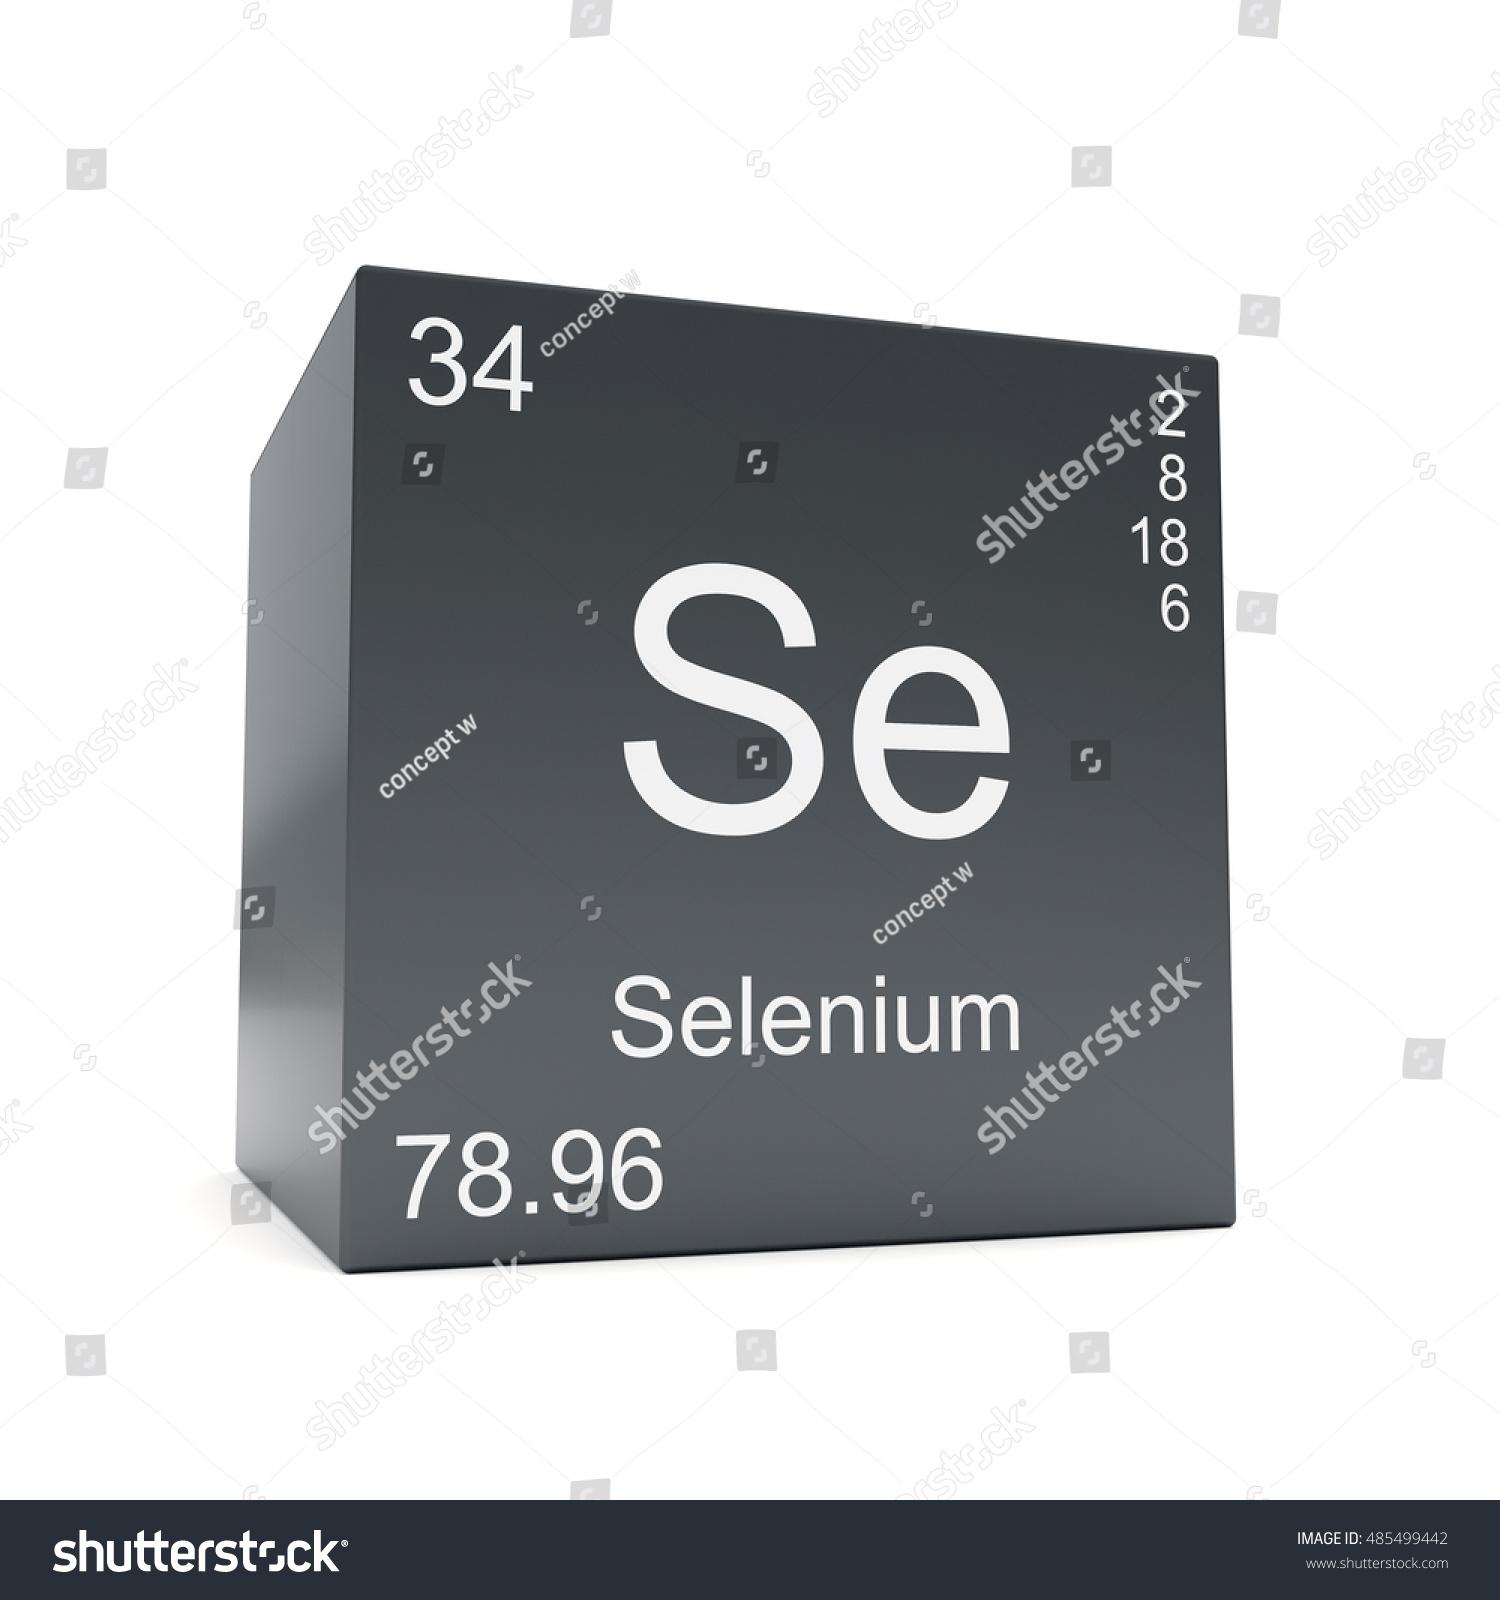 Selenium chemical element symbol periodic table stock illustration selenium chemical element symbol periodic table stock illustration 485499442 shutterstock urtaz Images